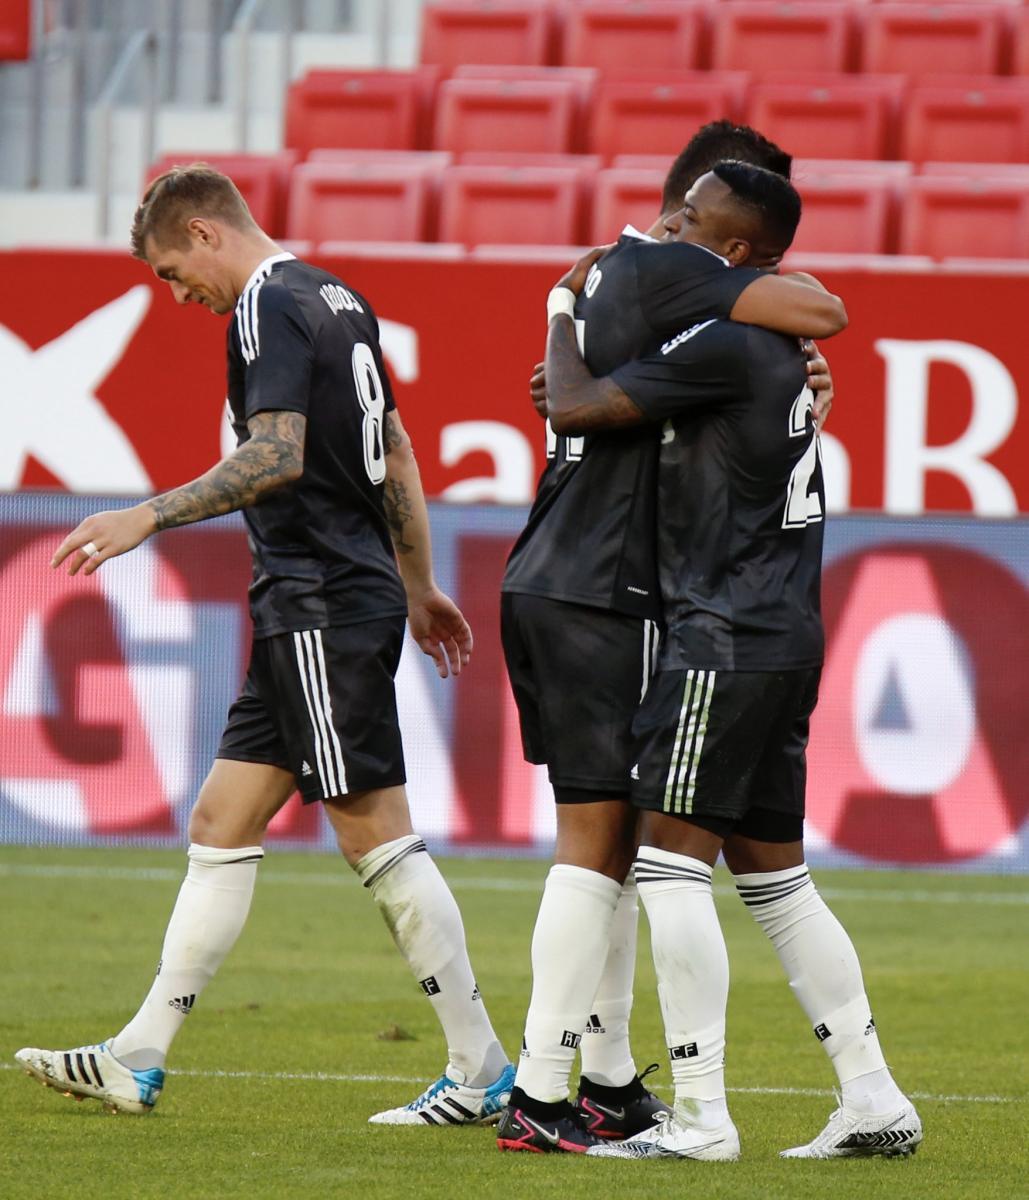 Los jugadores del Real Madrid celebran el 0-1 | Fuente: @LaLiga (Twitter)